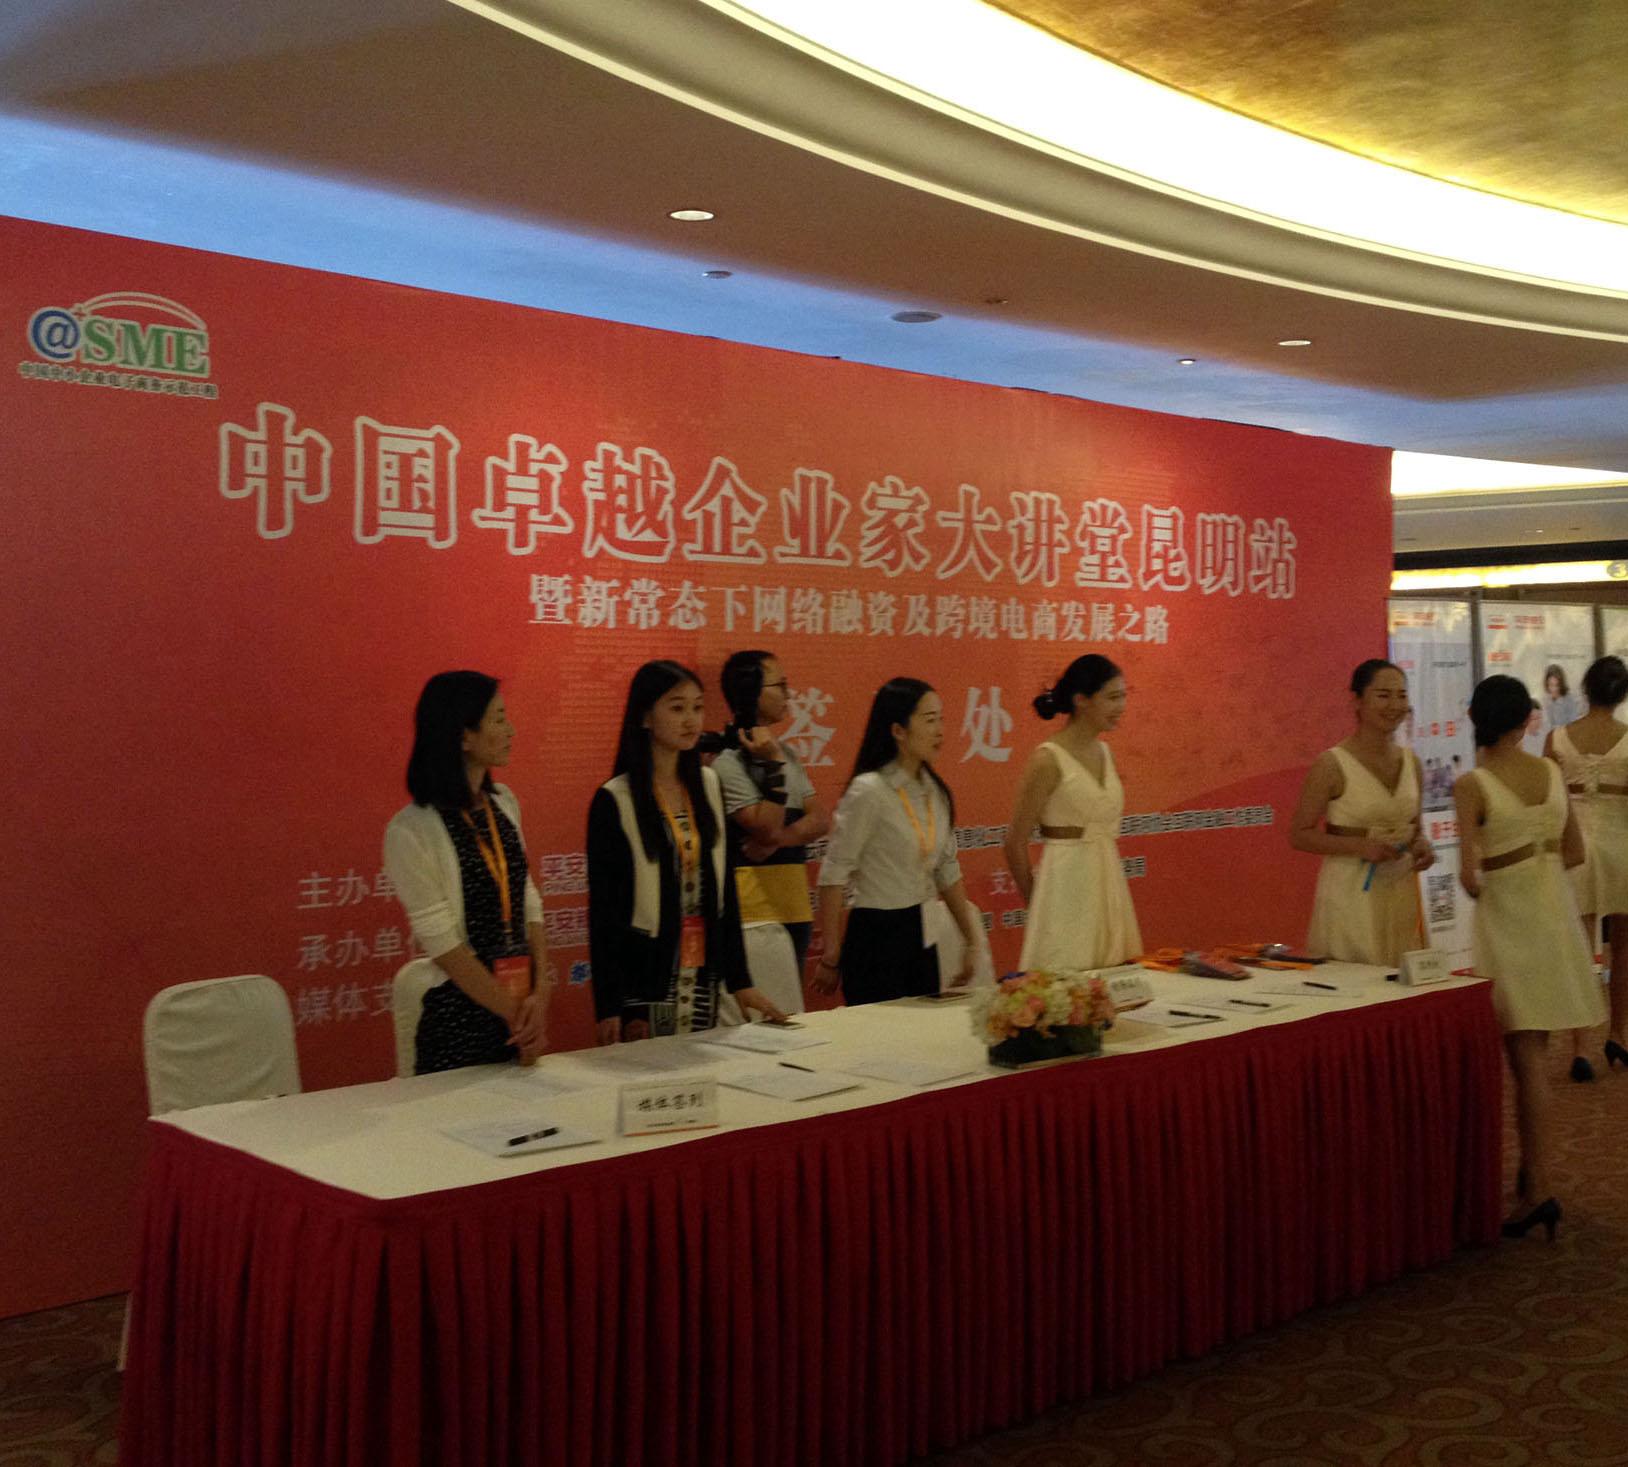 中国卓越企业家大讲堂昆明站